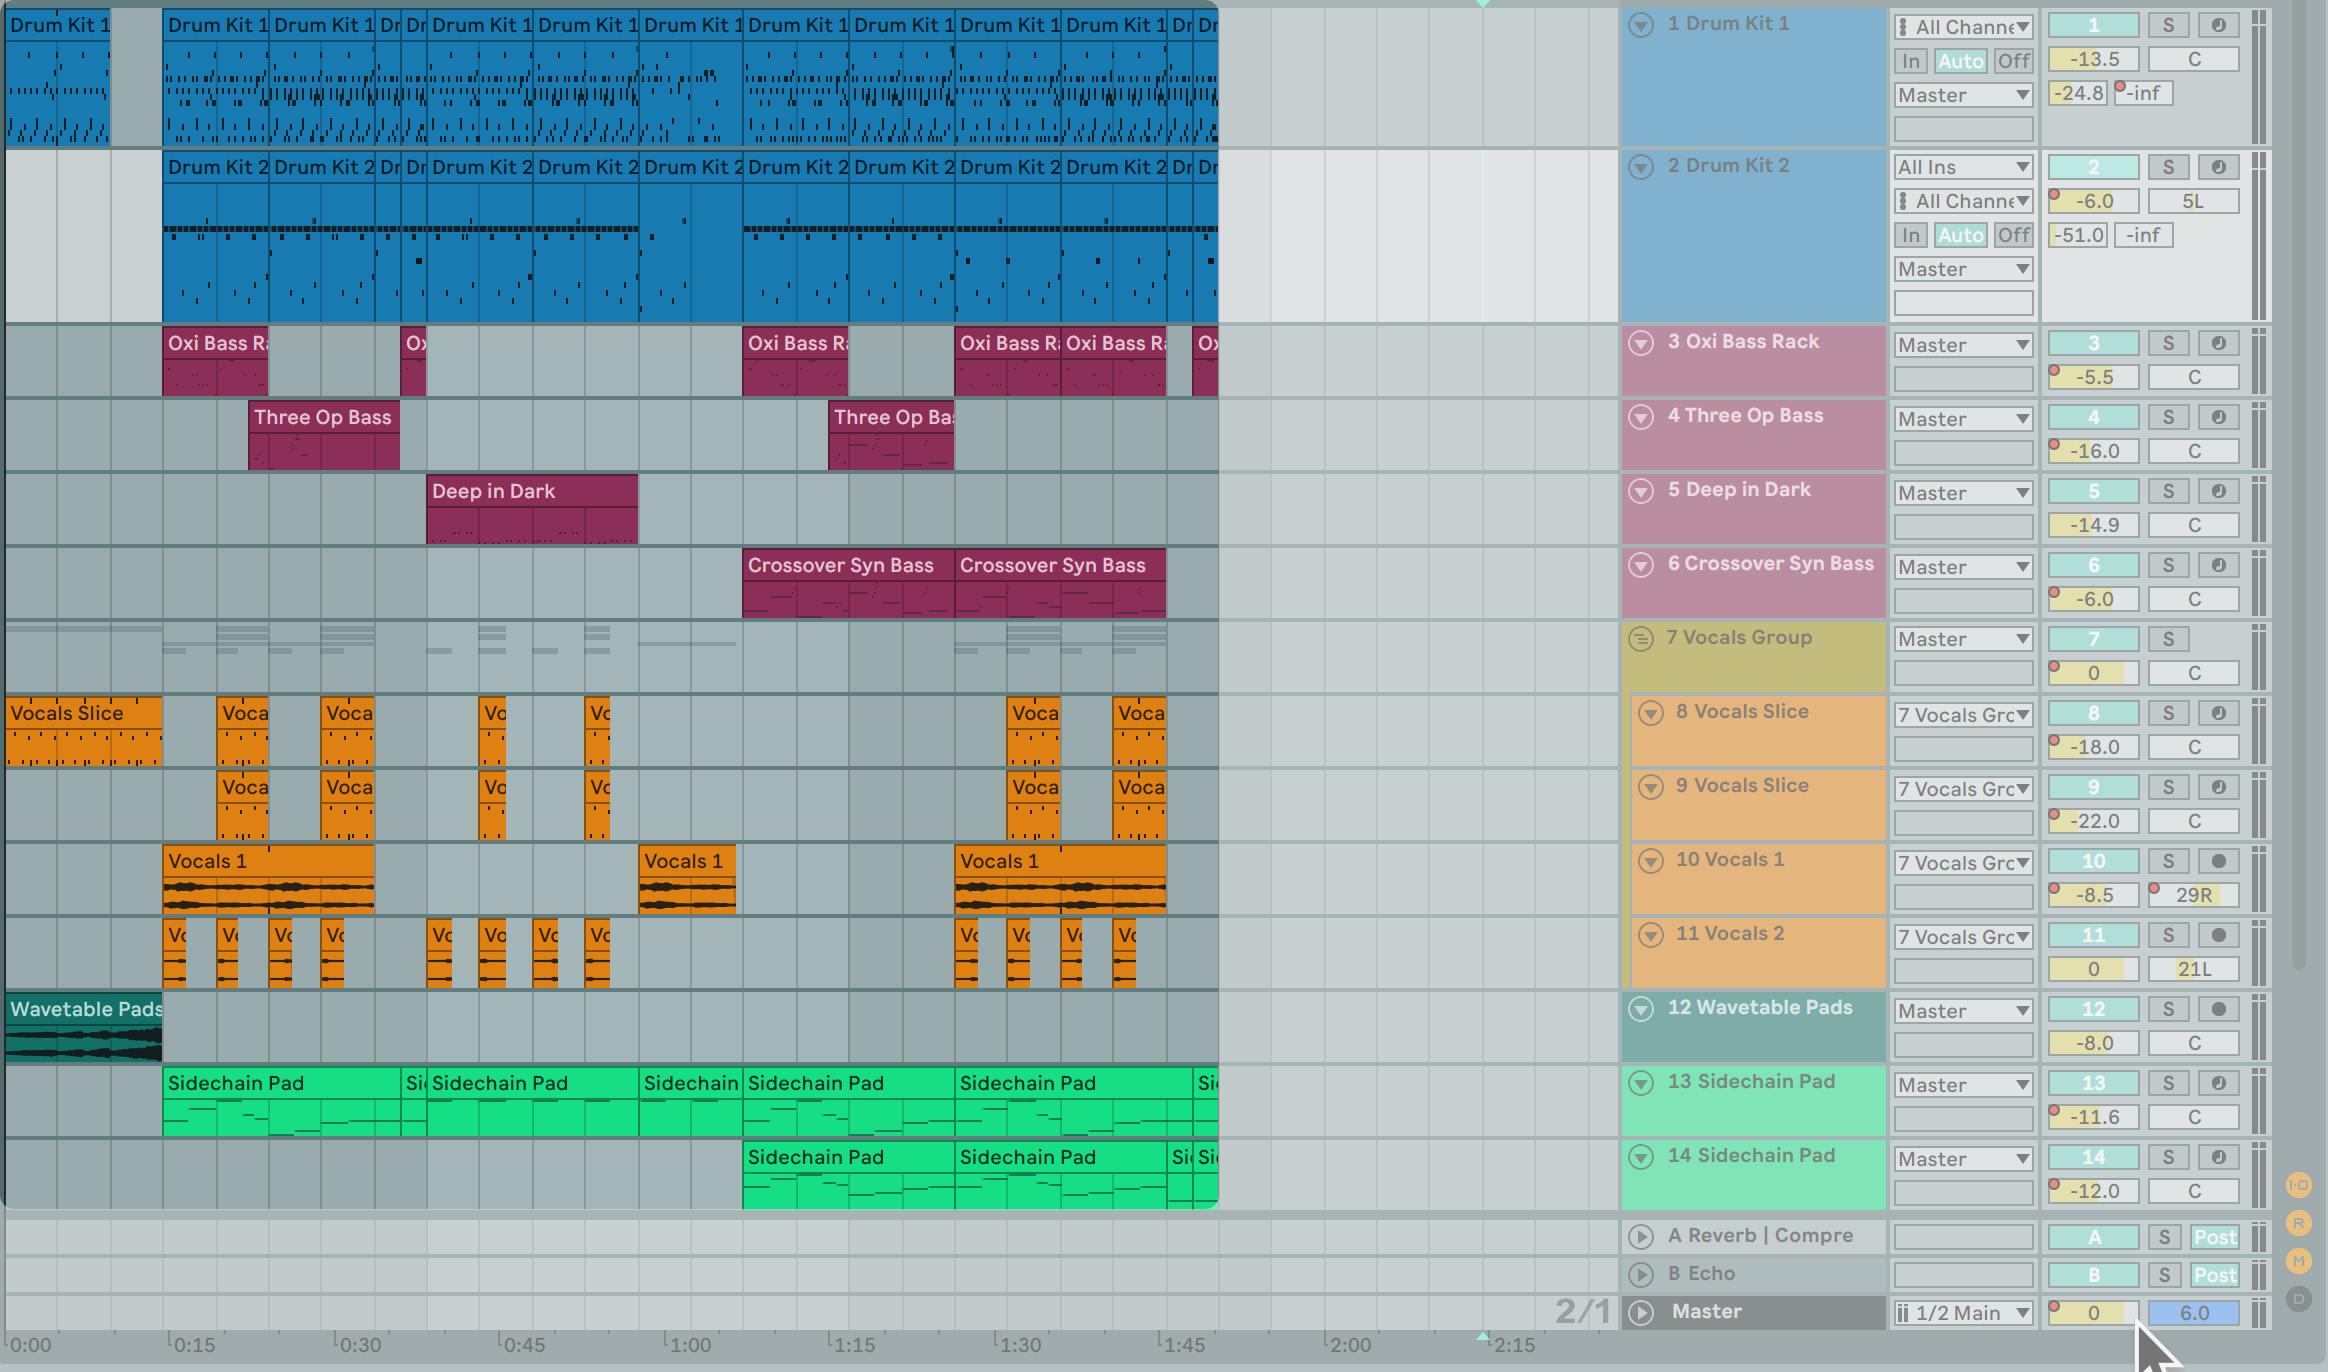 在 Arrangement View 中,所有的 Clips 會在每一個軌道中由左至右排列(並可標示顏色方便辨識)。